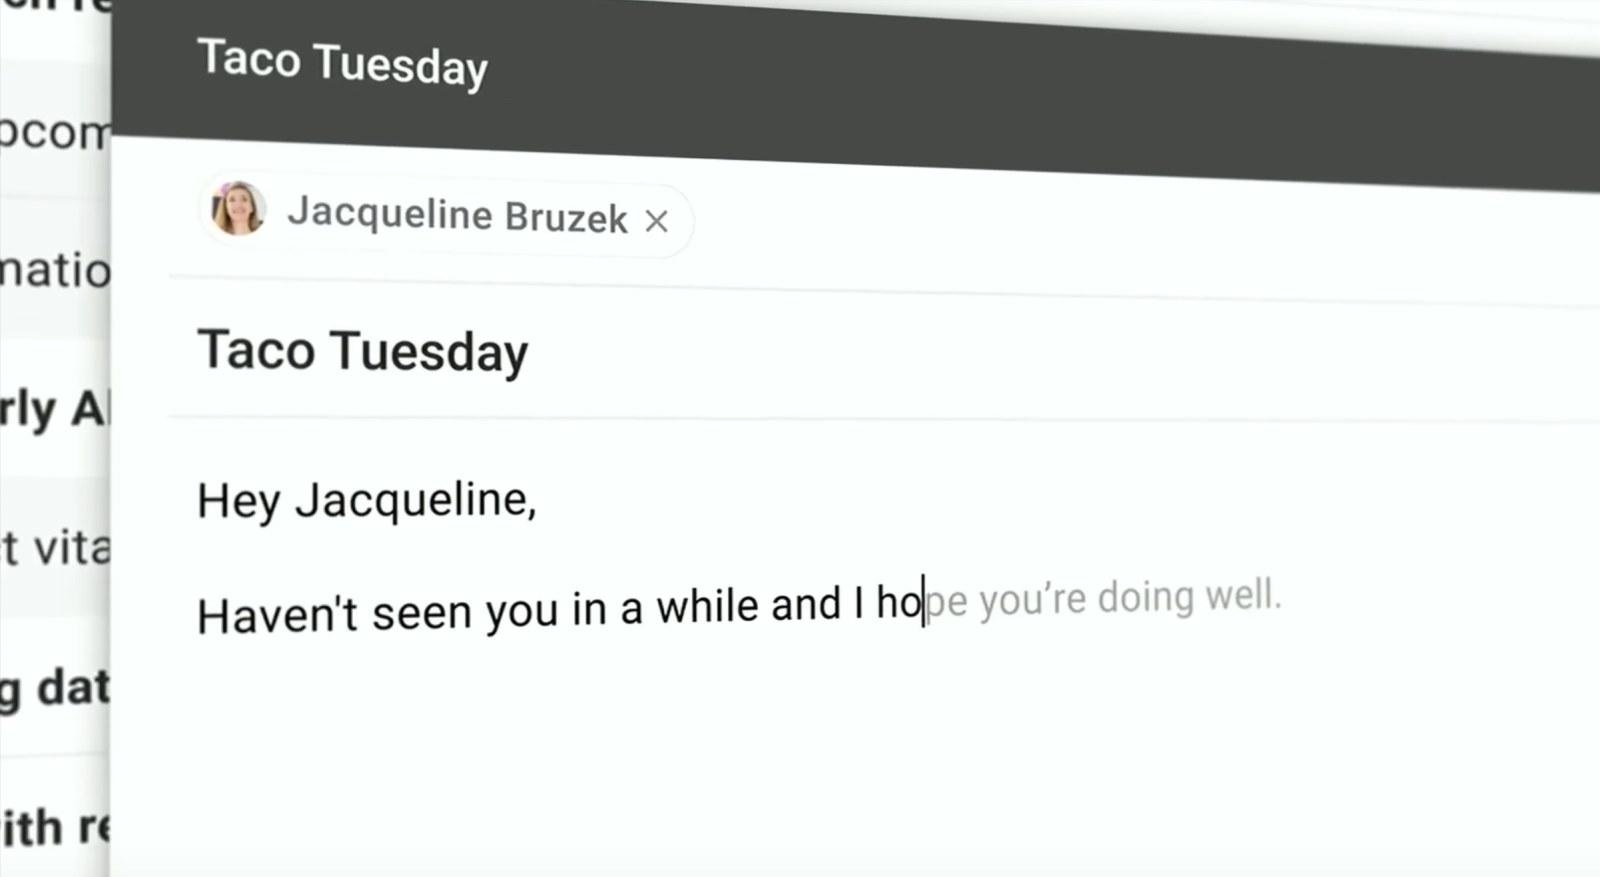 Smart Compose w Gmailu bazujące na Sztucznej Inteligencji